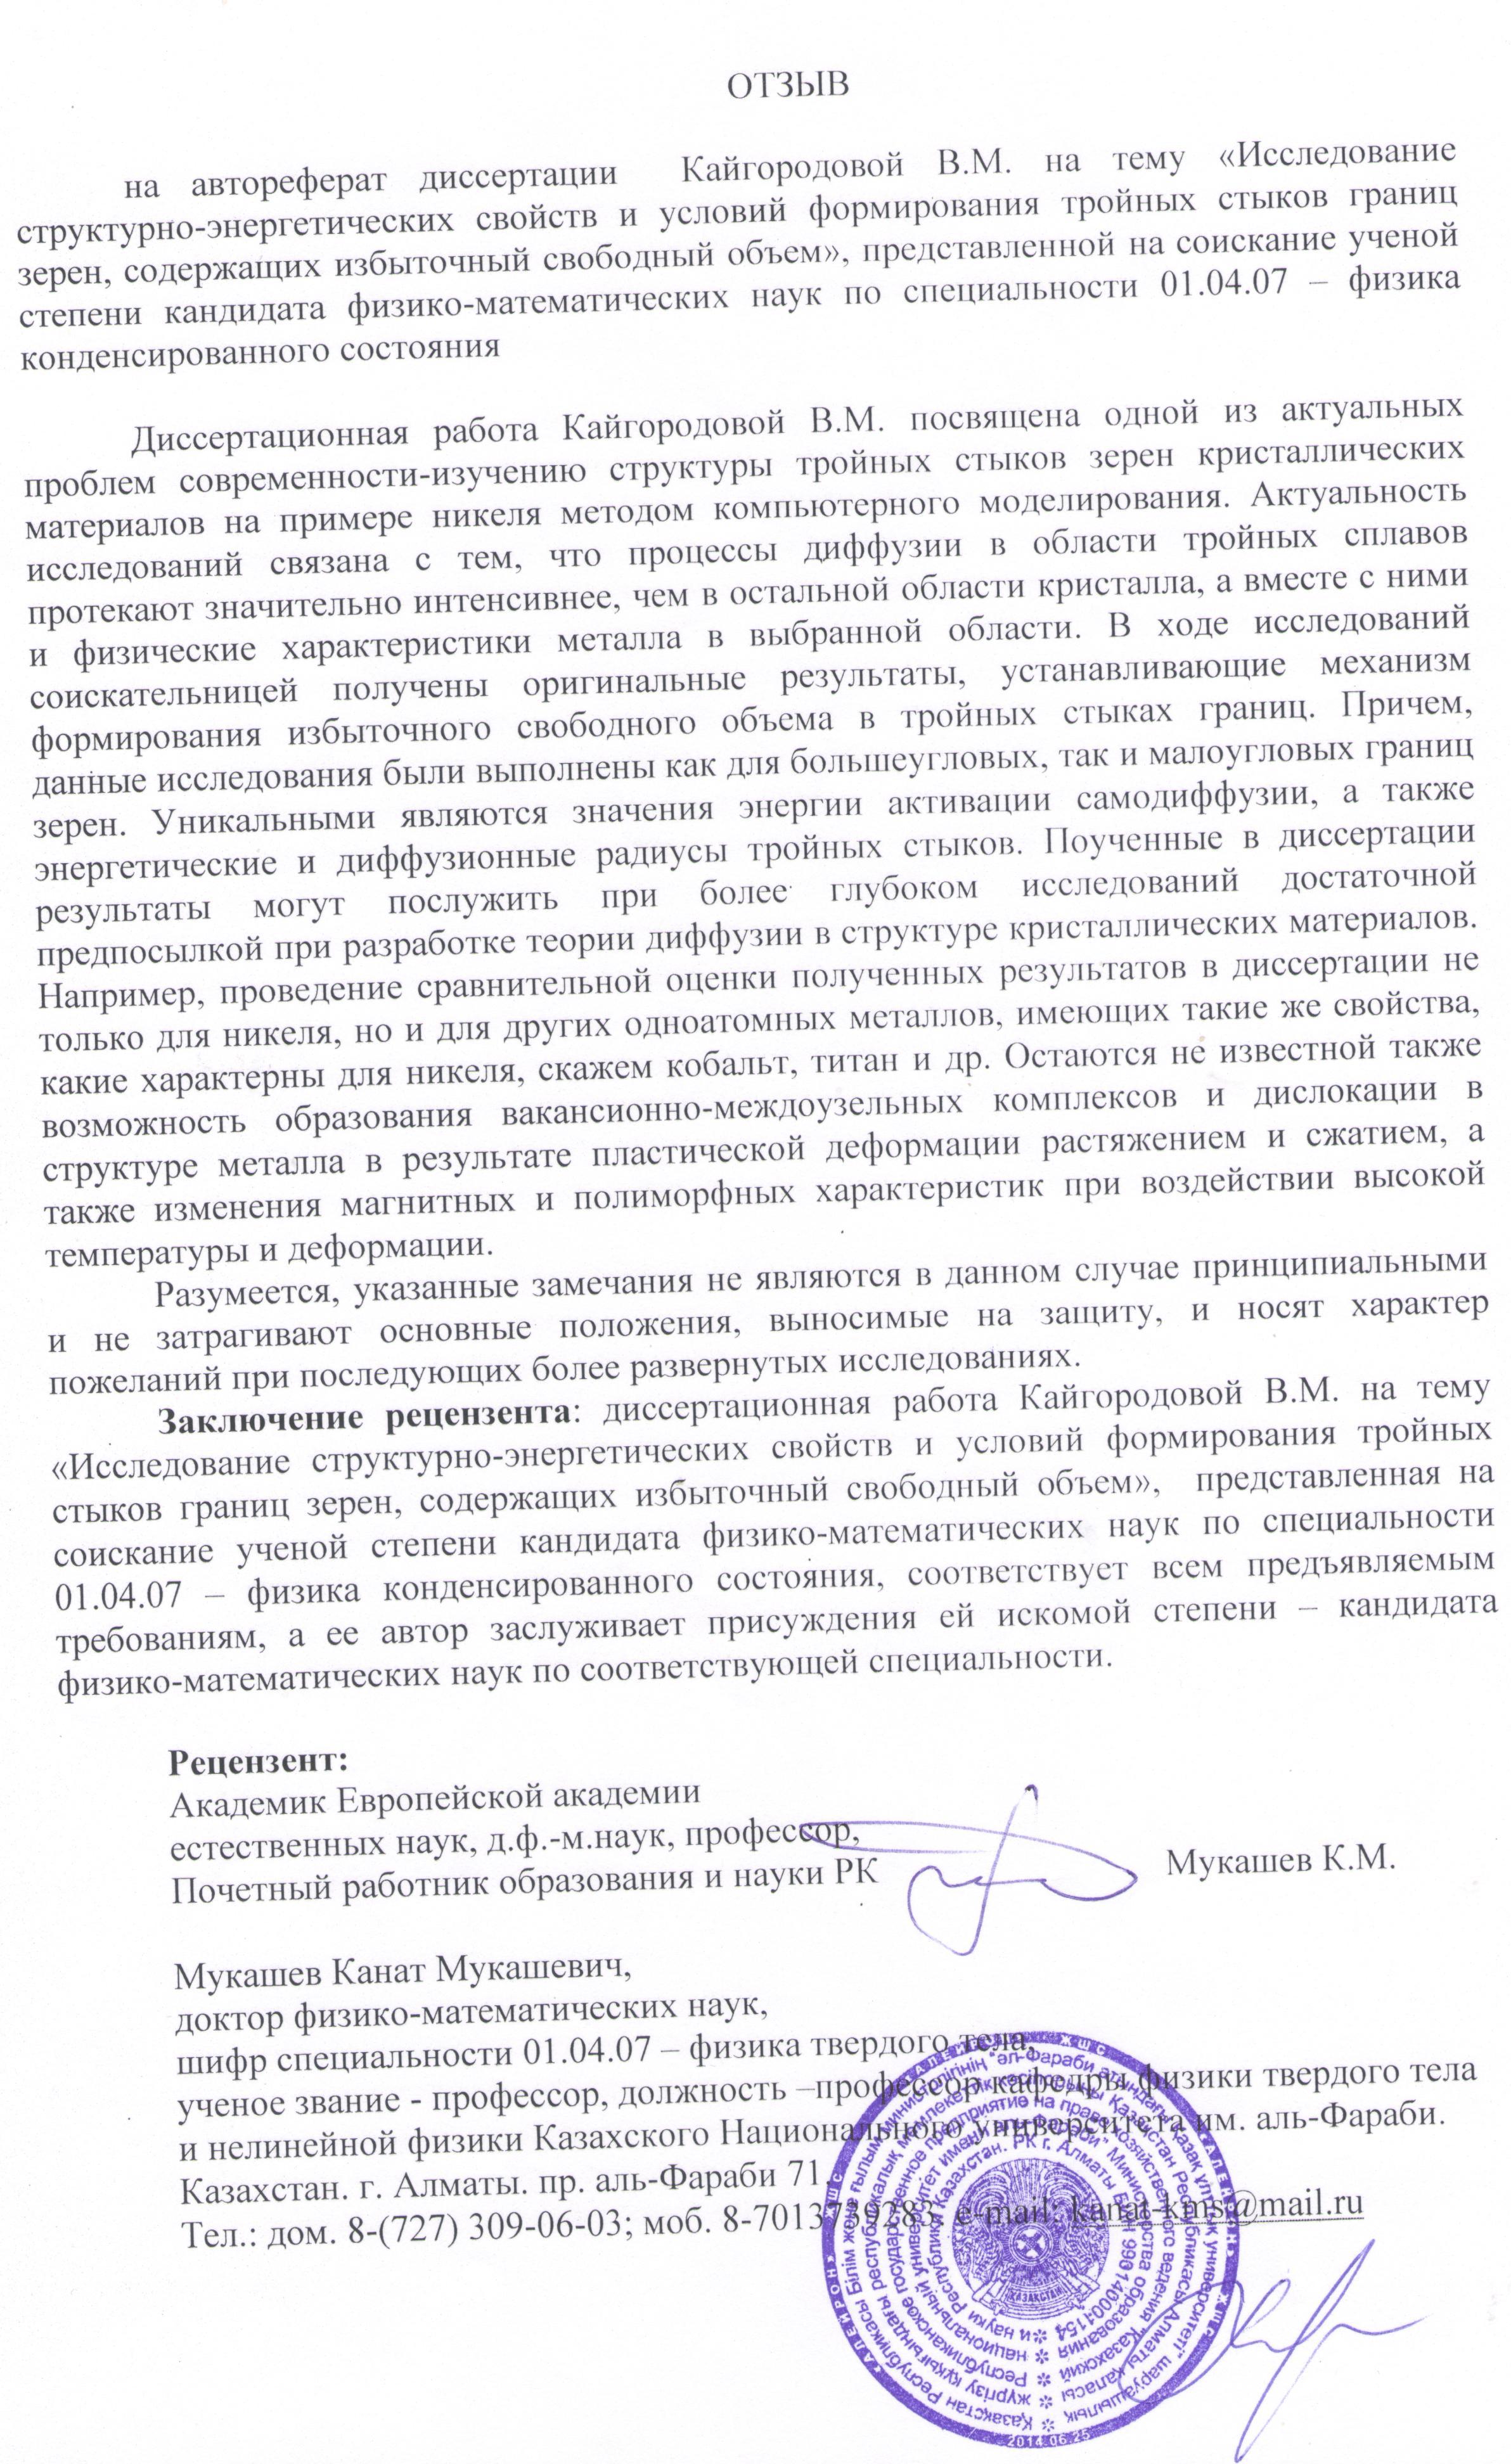 Защита диссертации Кайгородовой В М Научные события Отдел   научного руководителя · 09 08 17 Отзыв Мукашева К М на автореферат